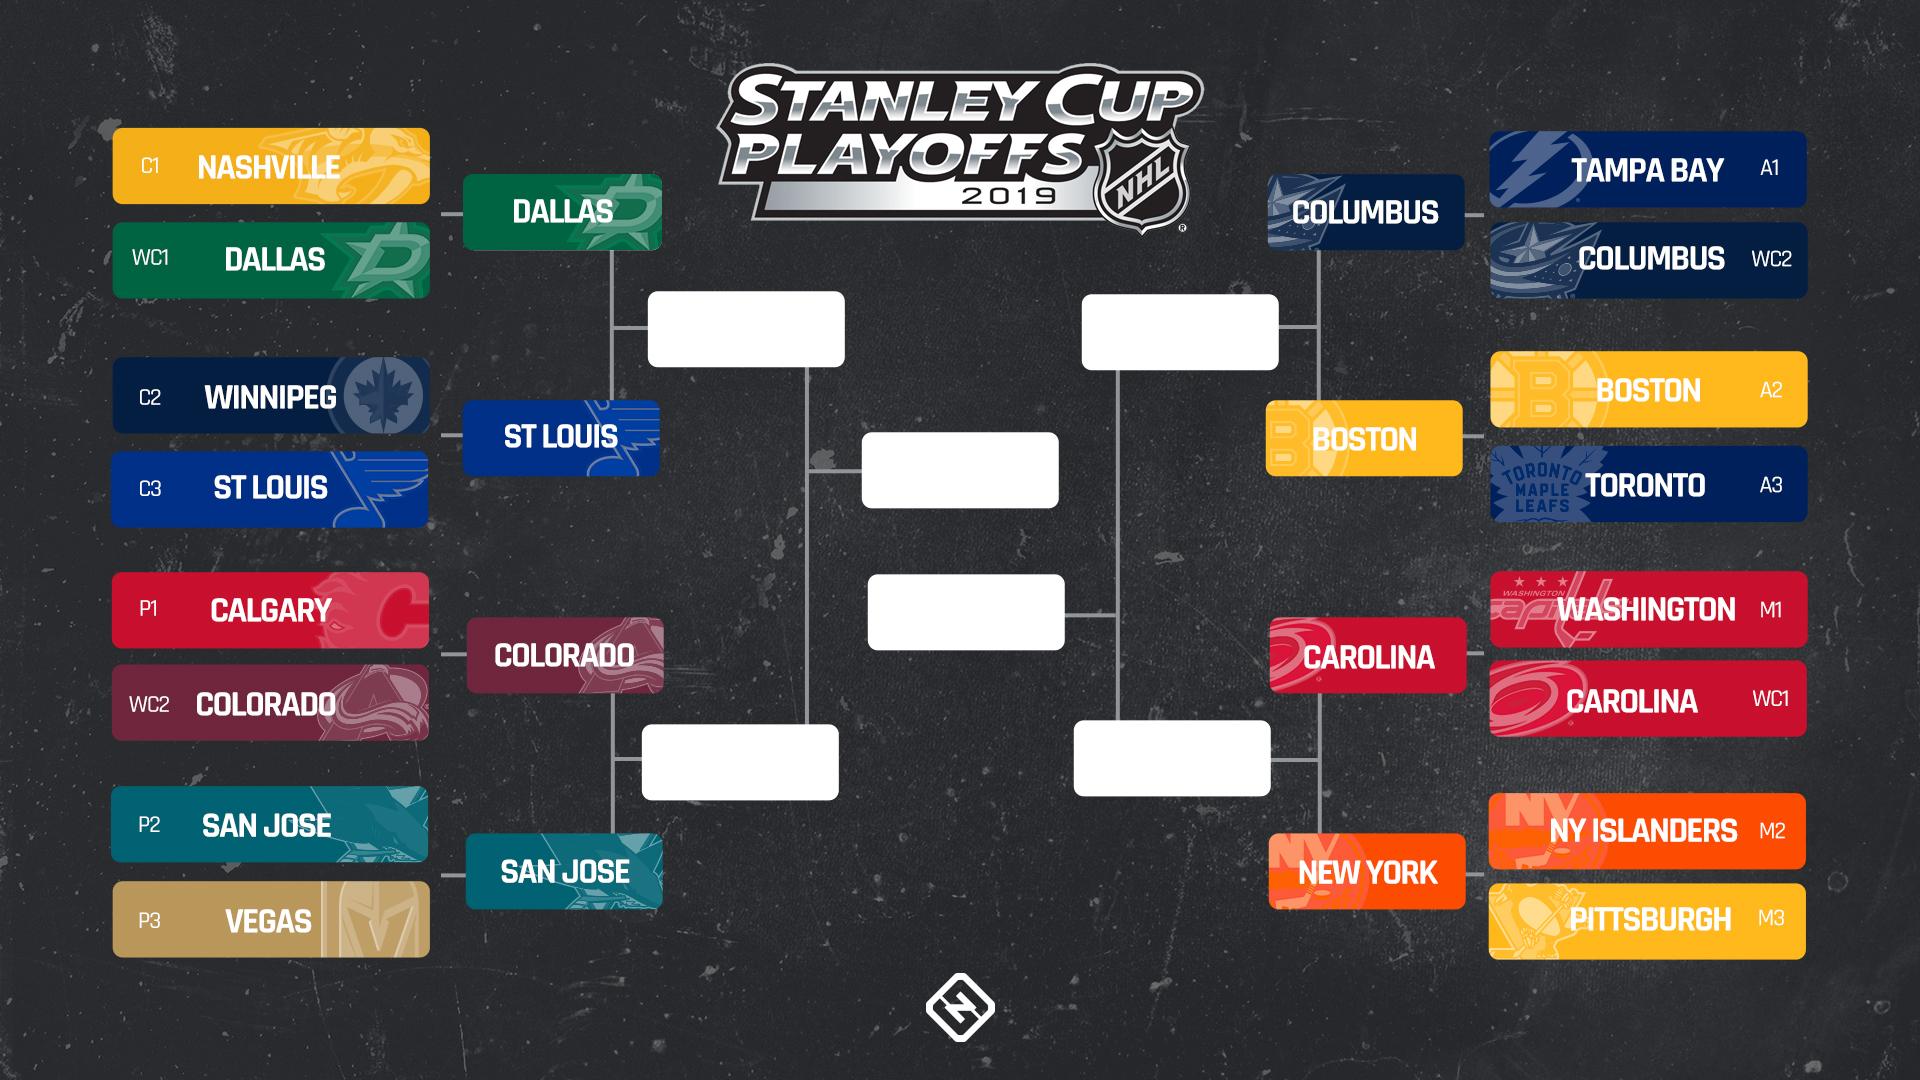 NHL playoffs schedule 2019: Full bracket, dates, times, TV ...